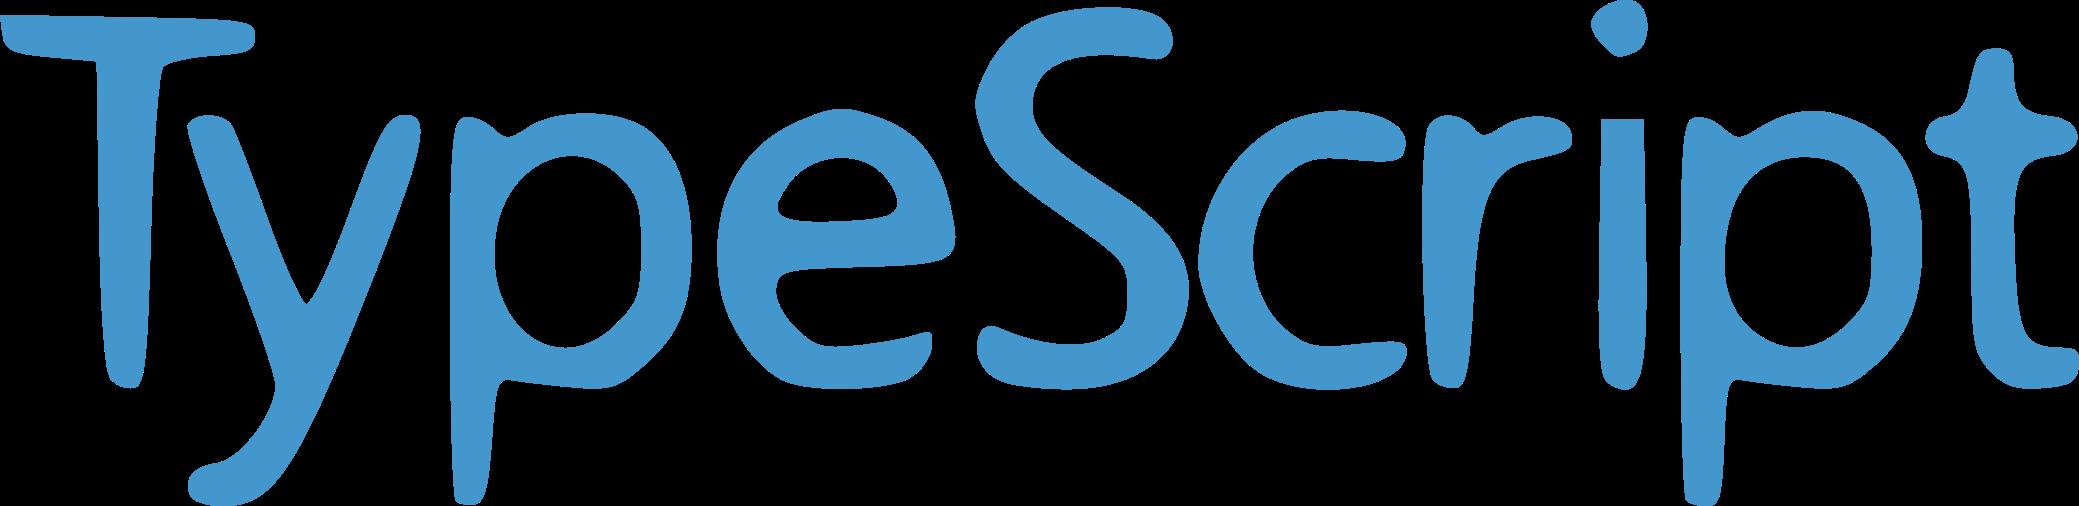 TypeScript 1.5